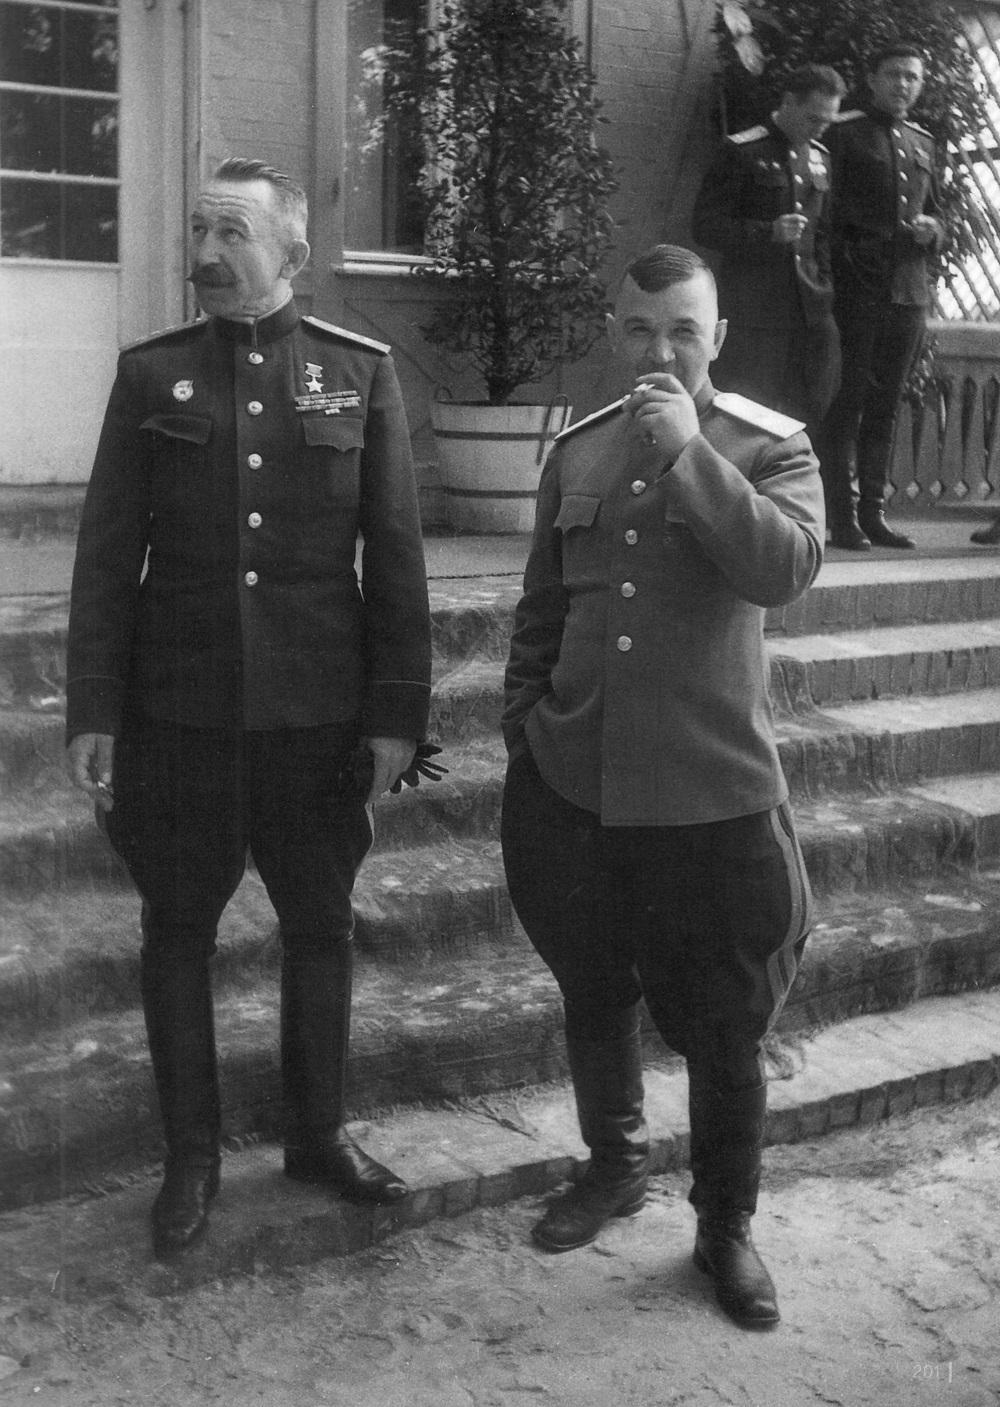 Командующий 61-й Армией генерал-полковник П.А. Белов в Берлине.jpeg